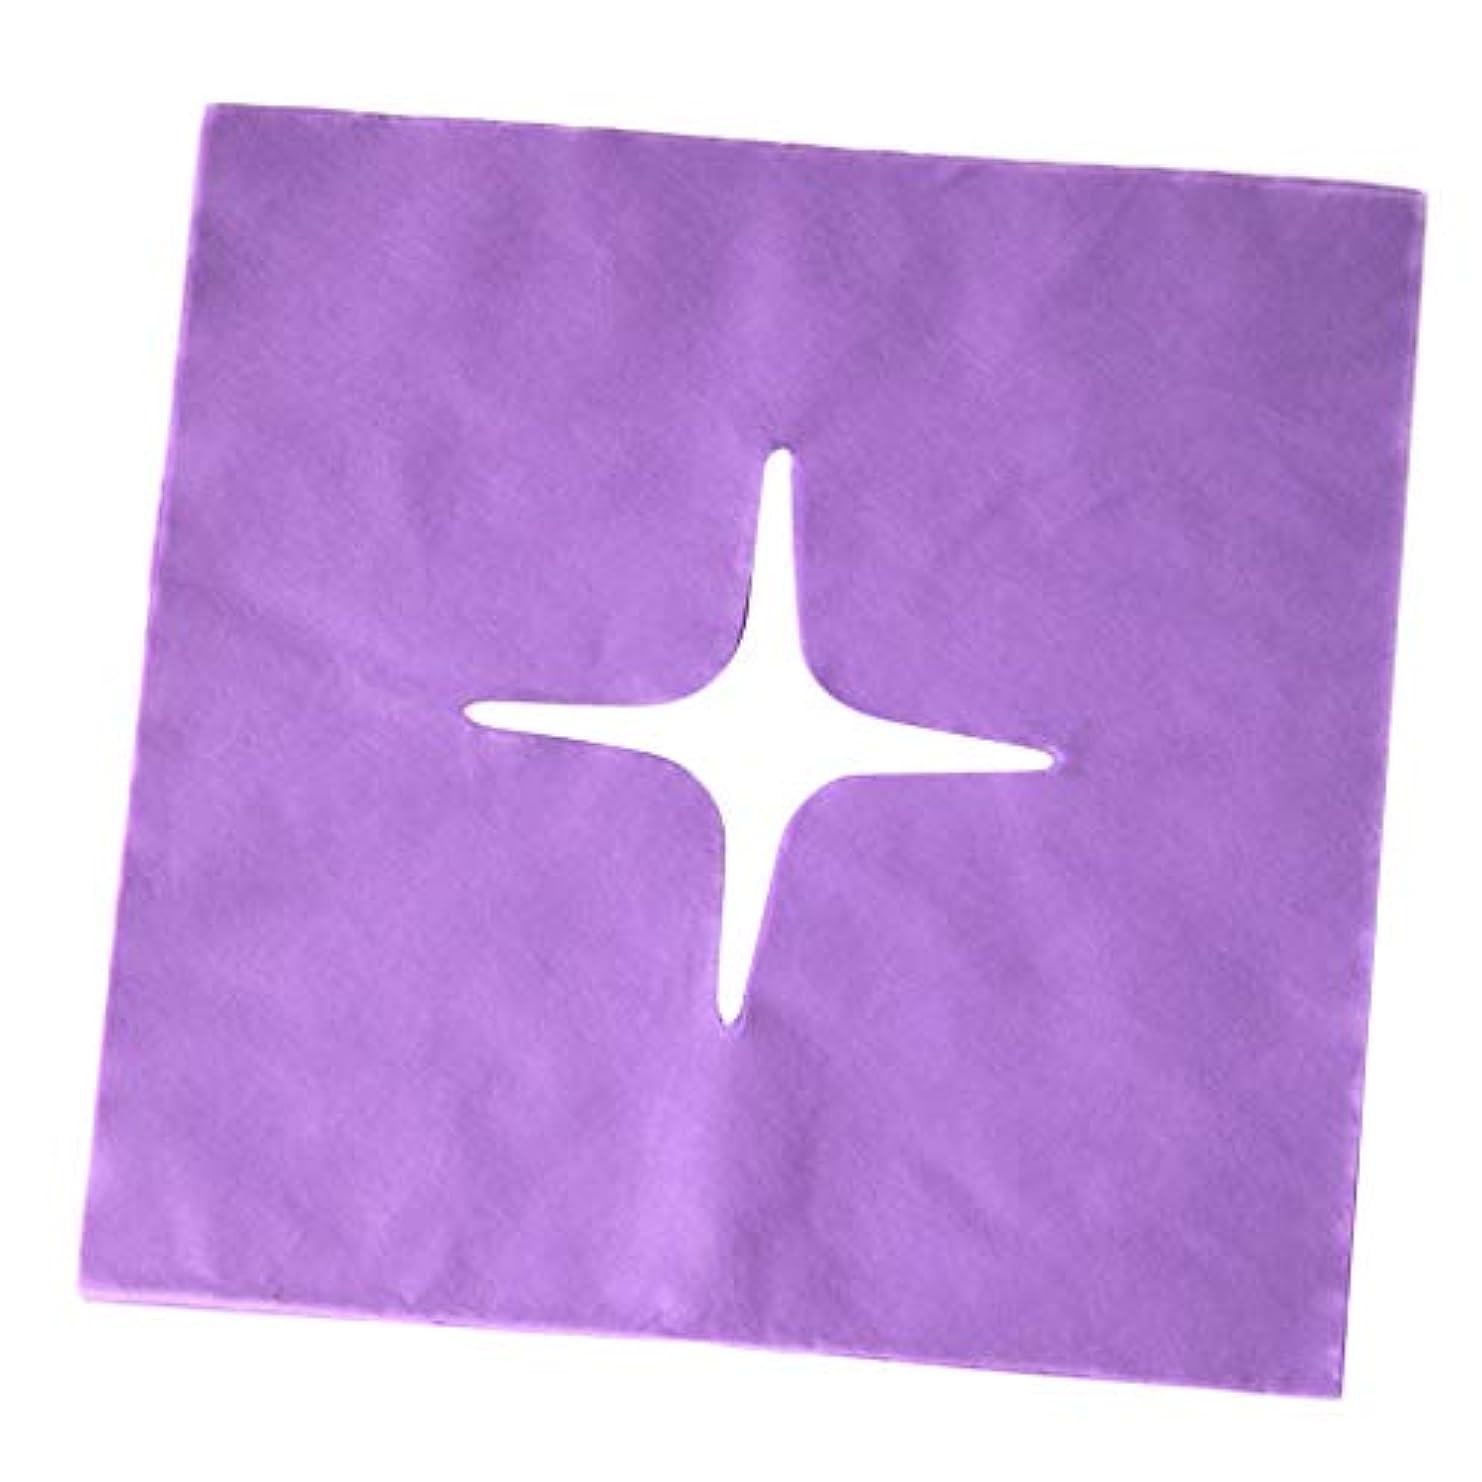 優しさ民主党ダンスマッサージ フェイスクレードルカバー スパ用 美容院 ビューティーサロン マッサージサロン 全3色 - 紫の